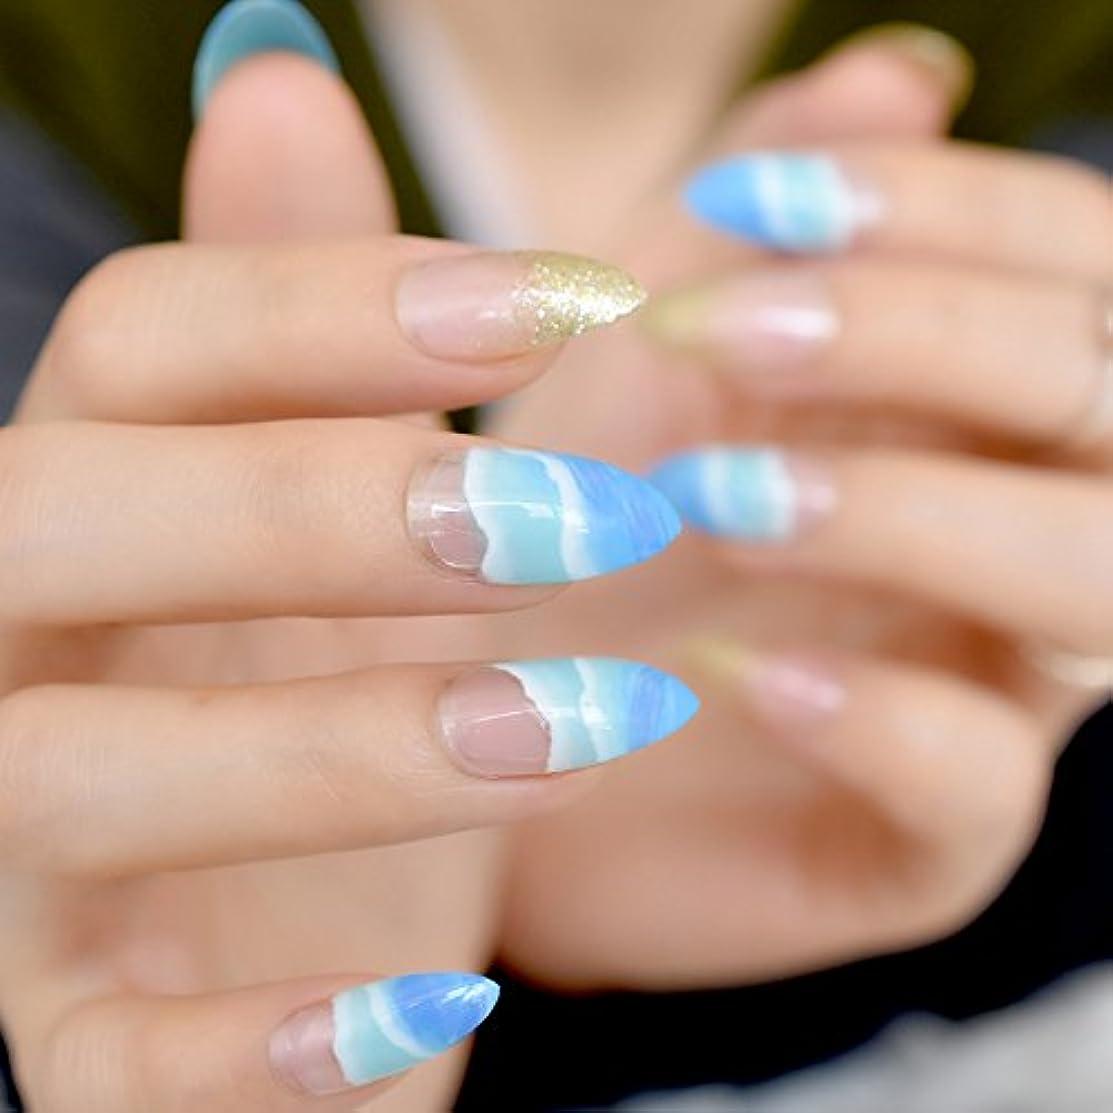 。従うもしXUTXZKA 24個のスティレットシェイプ偽爪ブルースカイラブビーチグリッターポインテッドレディースプレスネイルのヒント